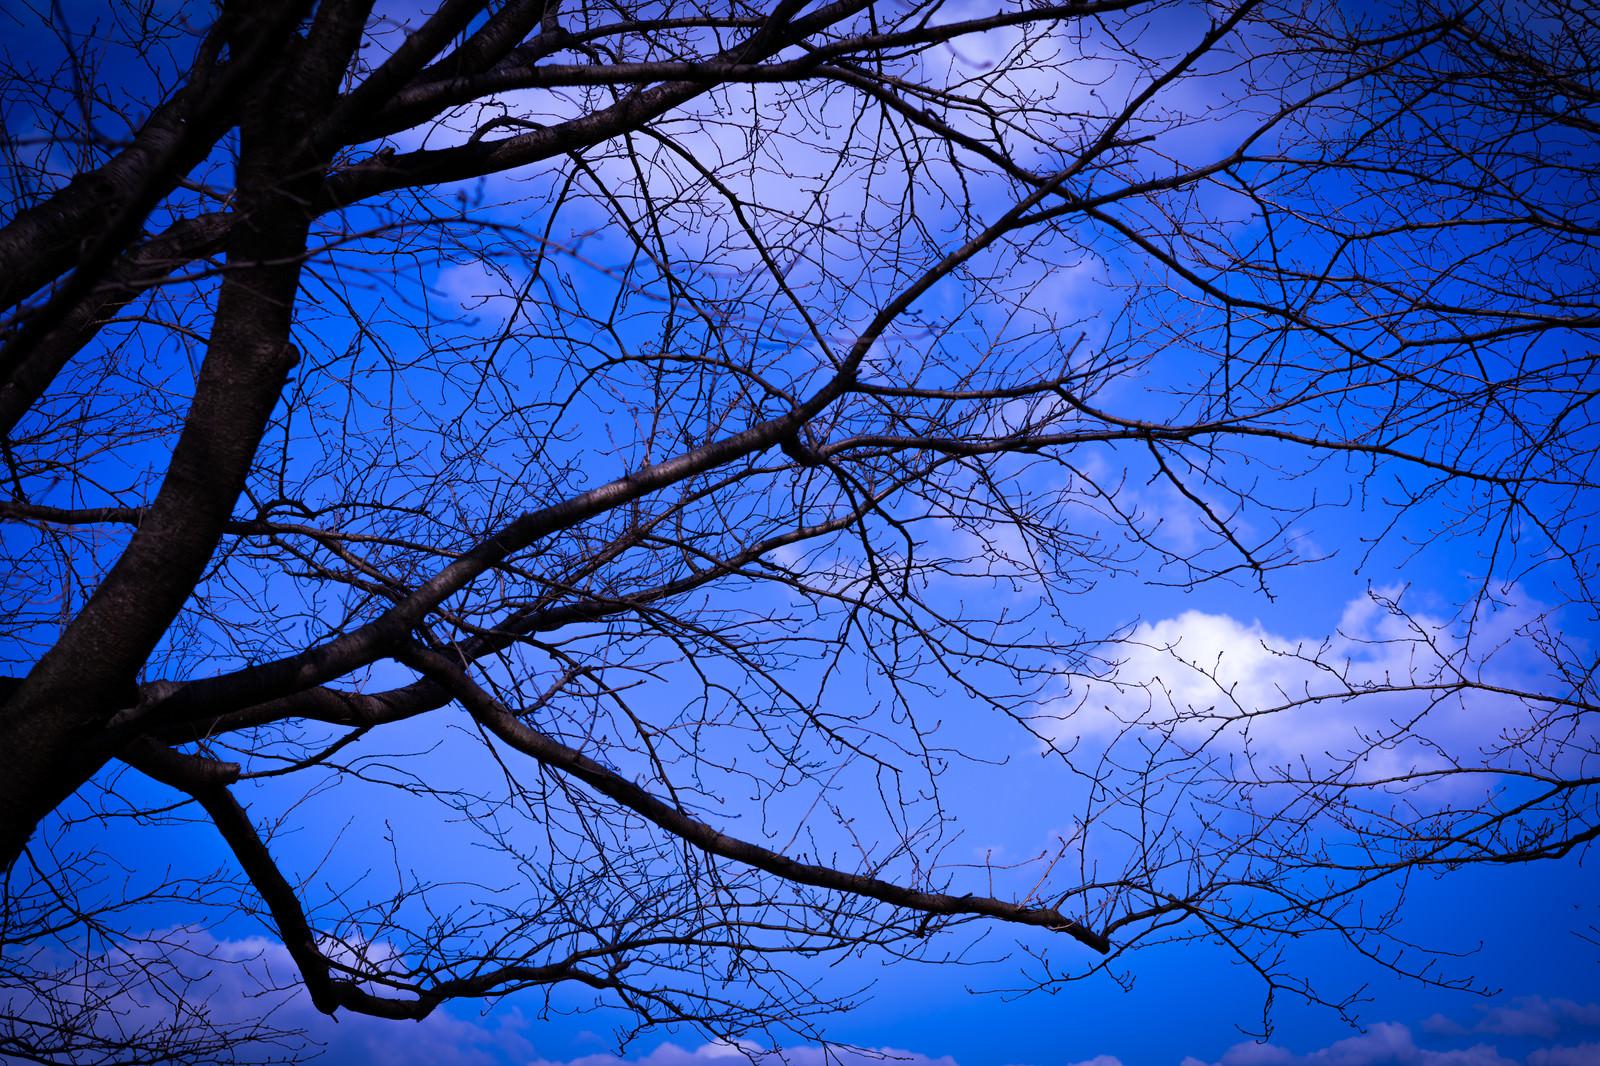 「張り巡る枝越しに見る青い空」の写真